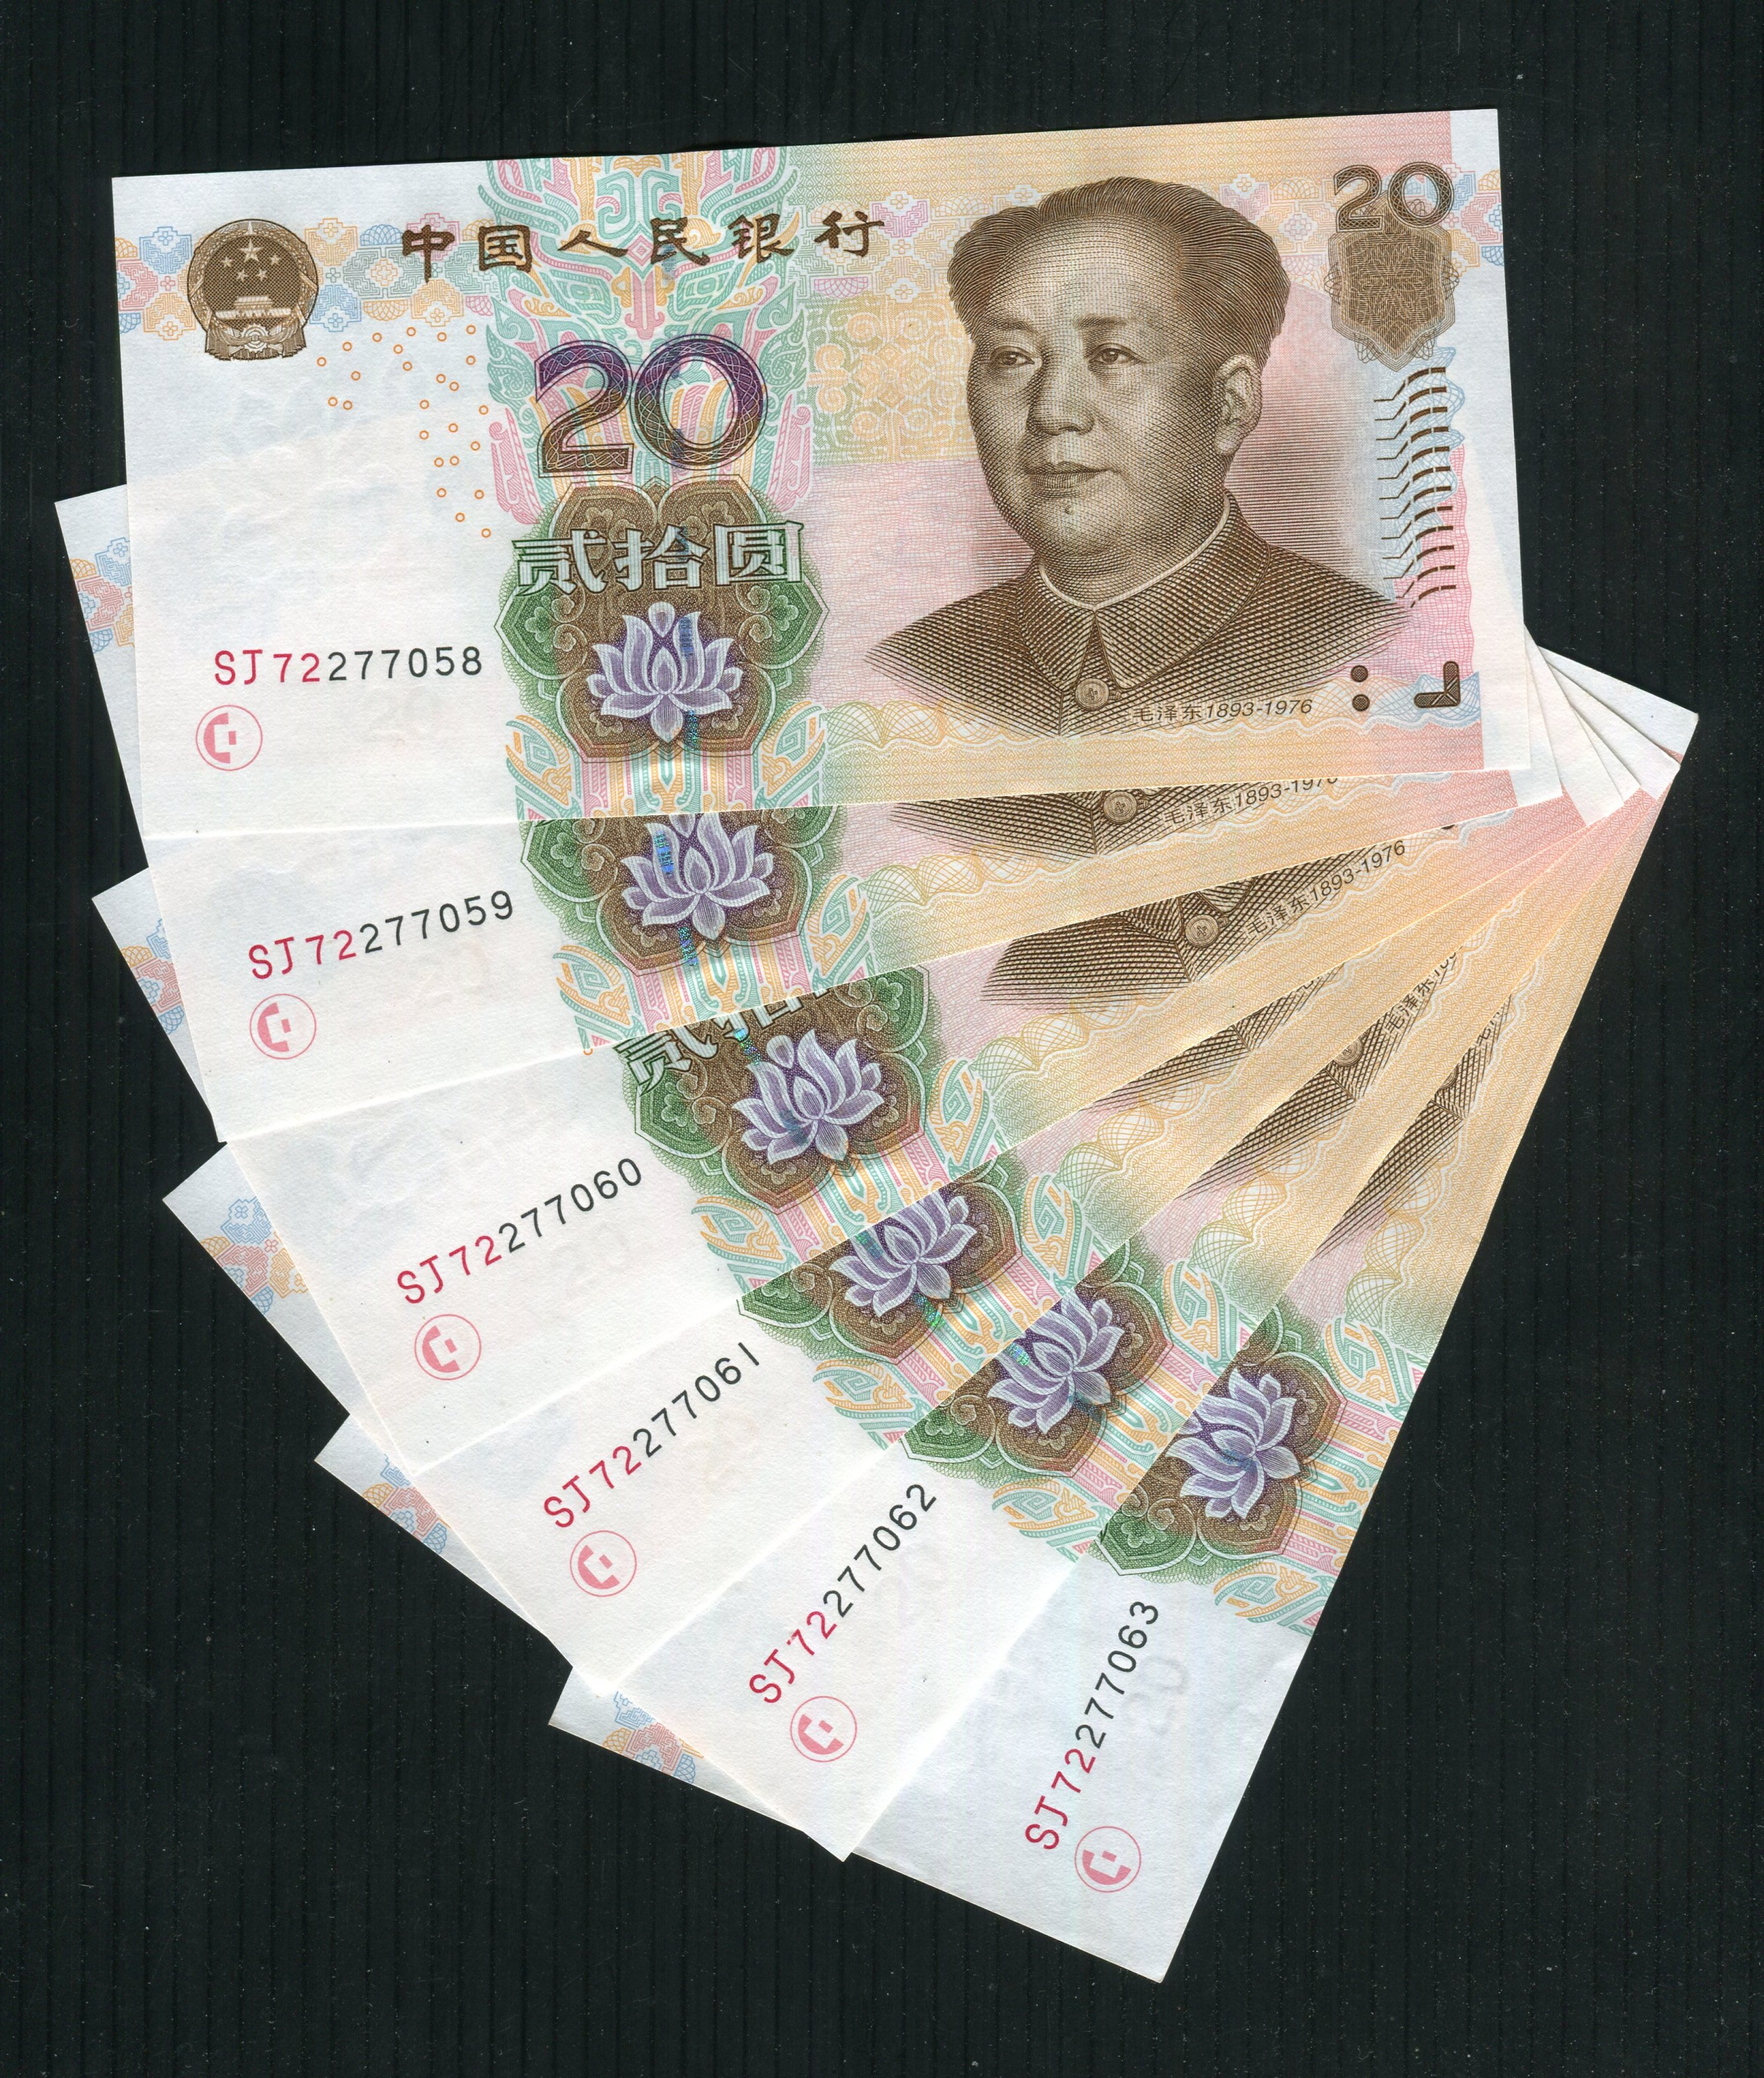 全新 2005 人民幣 貳拾圓 人民幣20元= 13張一標